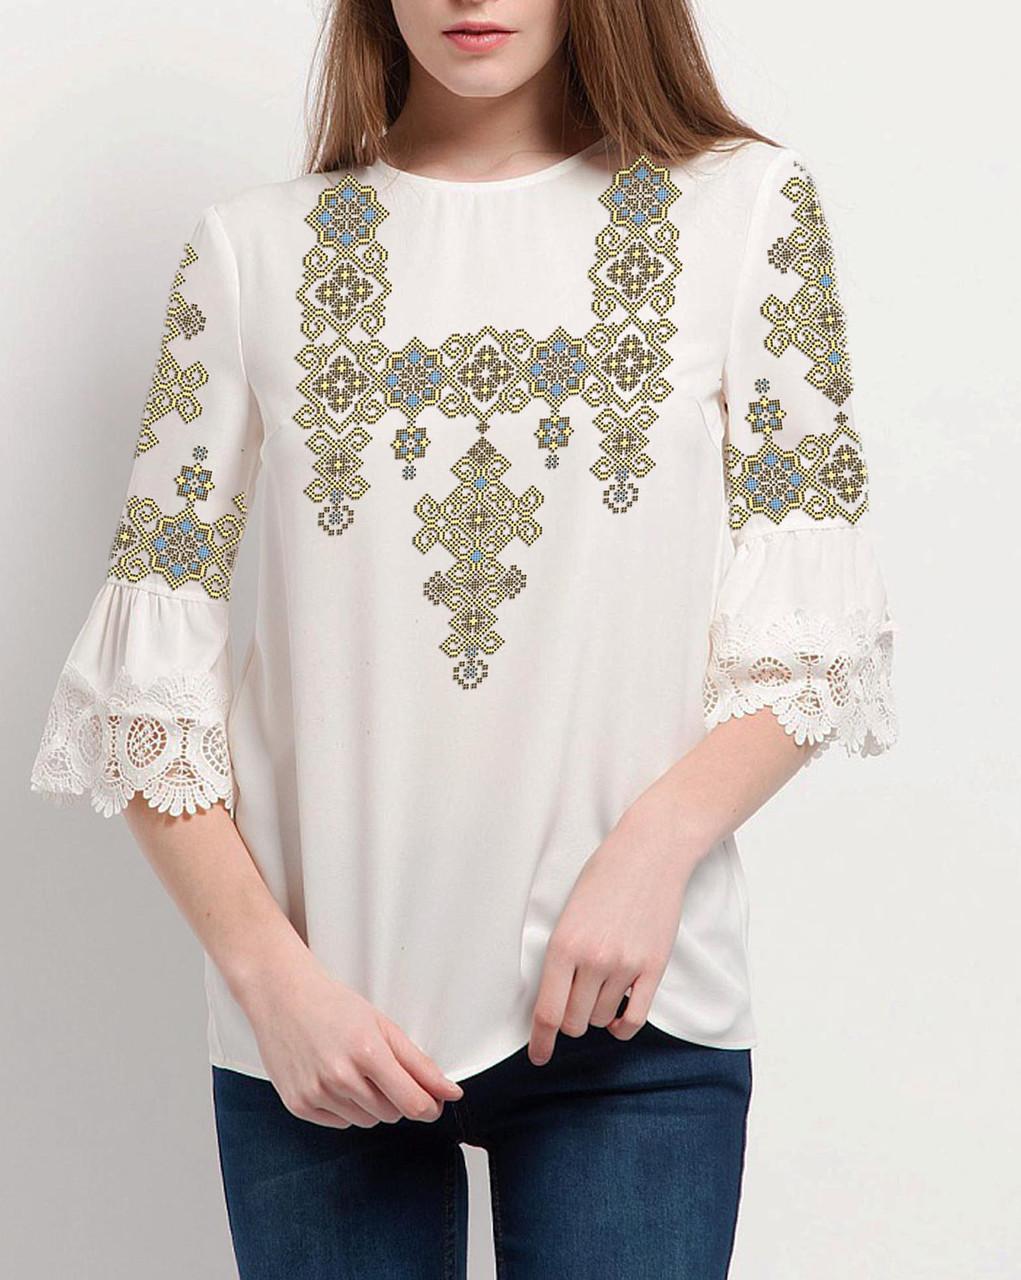 Заготовка вышиванки женской сорочки / блузы для вышивки бисером «Пектораль»